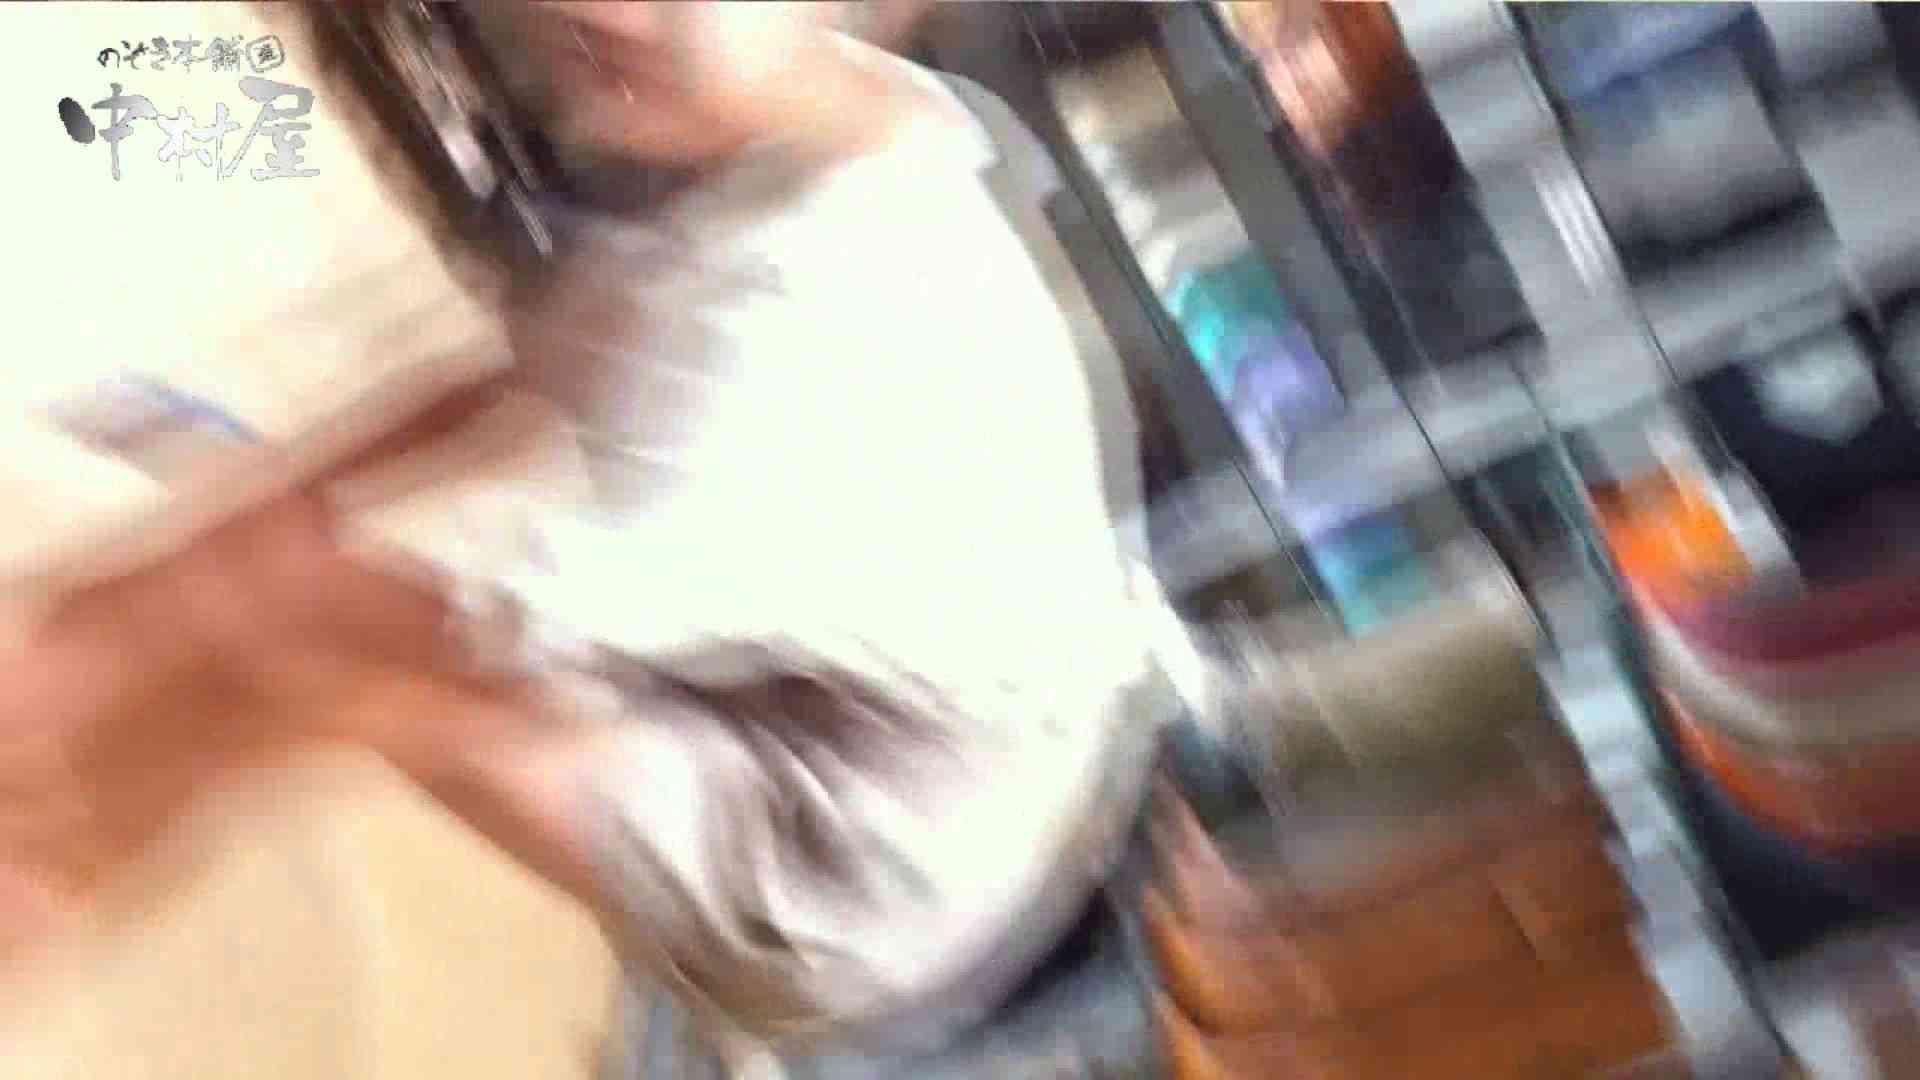 vol.47 カリスマ店員胸チラ&パンチラ 黒パン店員さん チラ見えで興奮   パンチラ  10枚 9